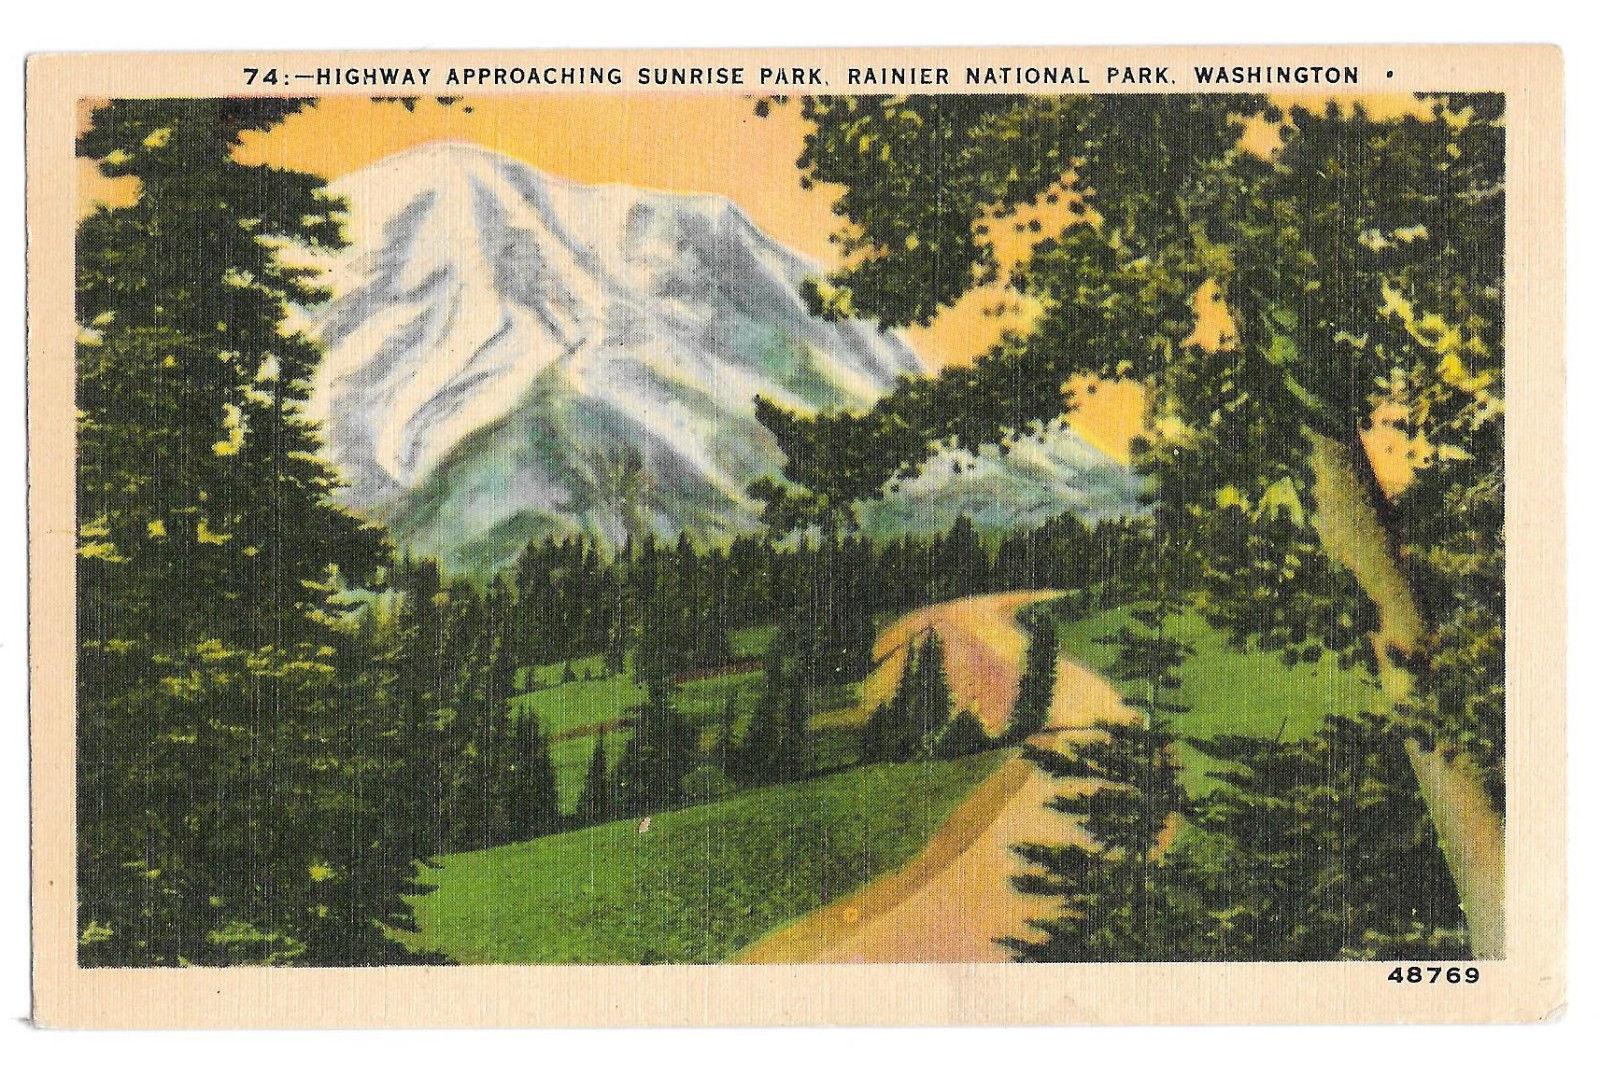 WA Ranier National Park Highway Sunrise Park Vtg Johnston Linen Postcard 1943